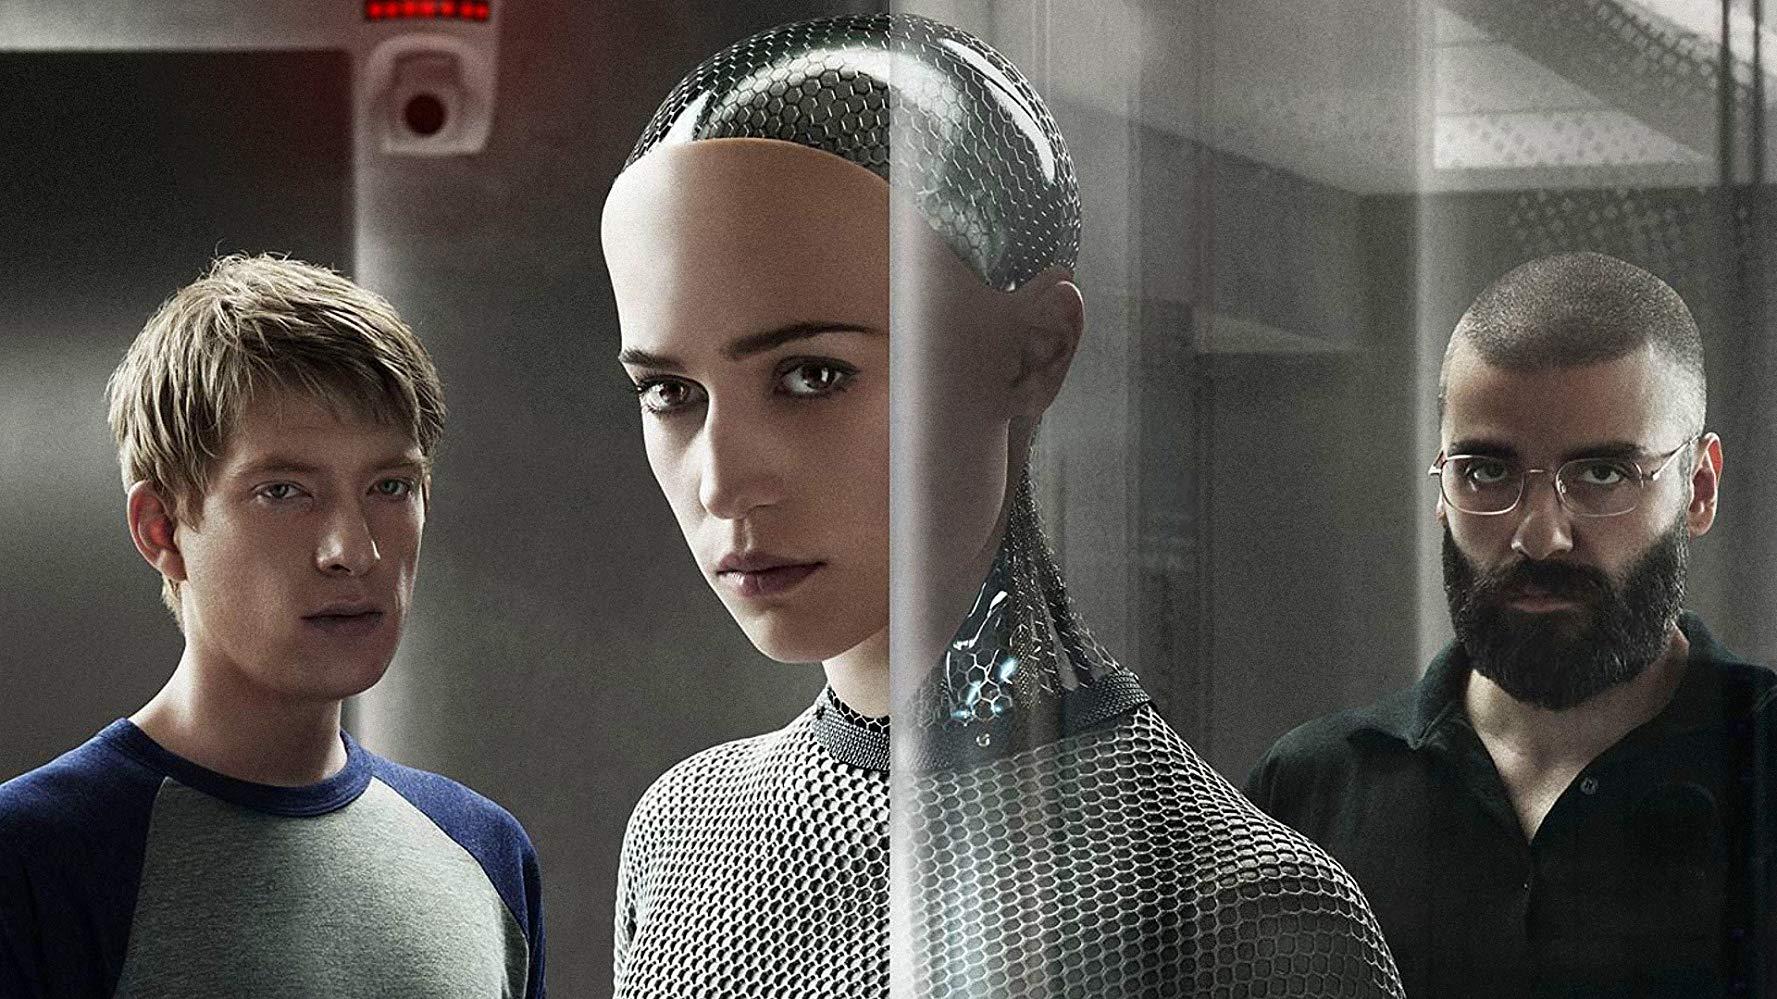 در آینده فیلمهای بسیار بیشتری در مورد هوش مصنوعی ساخته خواهد شد اما ممکن است که این ژانر فرعی در آینده جایگاهی خارج از ژانر علمی تخیلی داشته باشد.